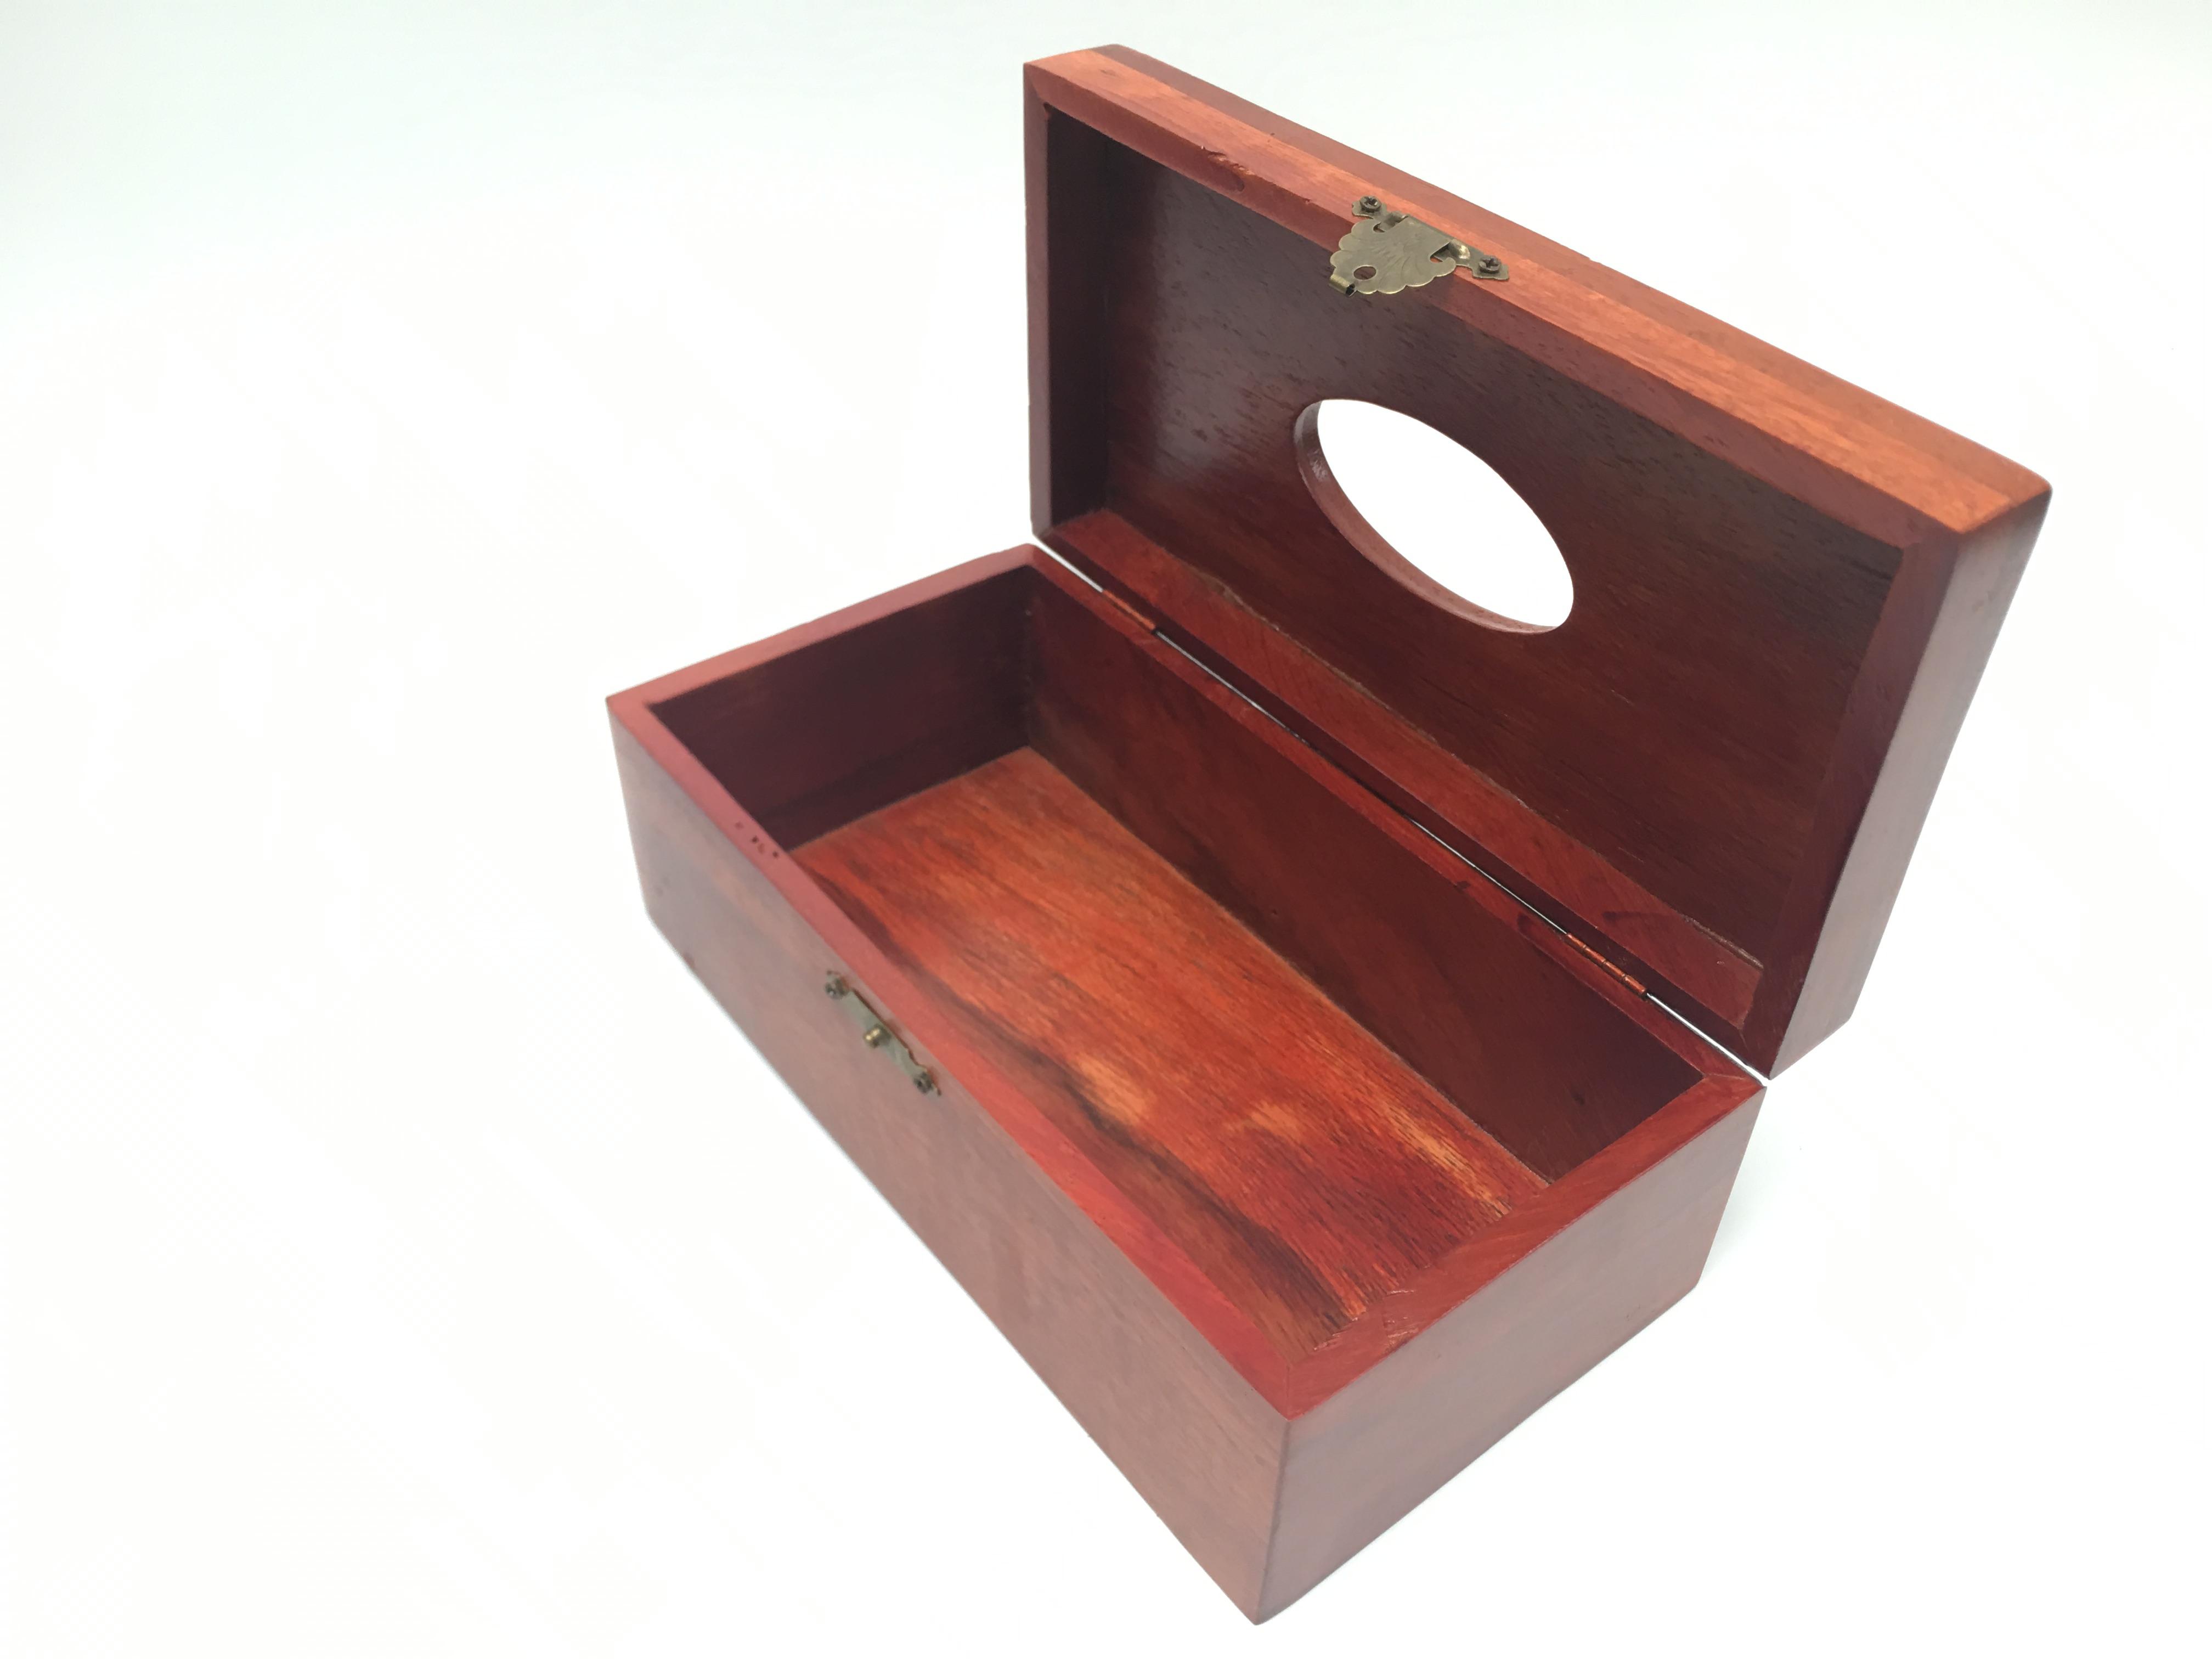 Hộp đựng giấy ăn gỗ hương kích thước 22x11x9cm